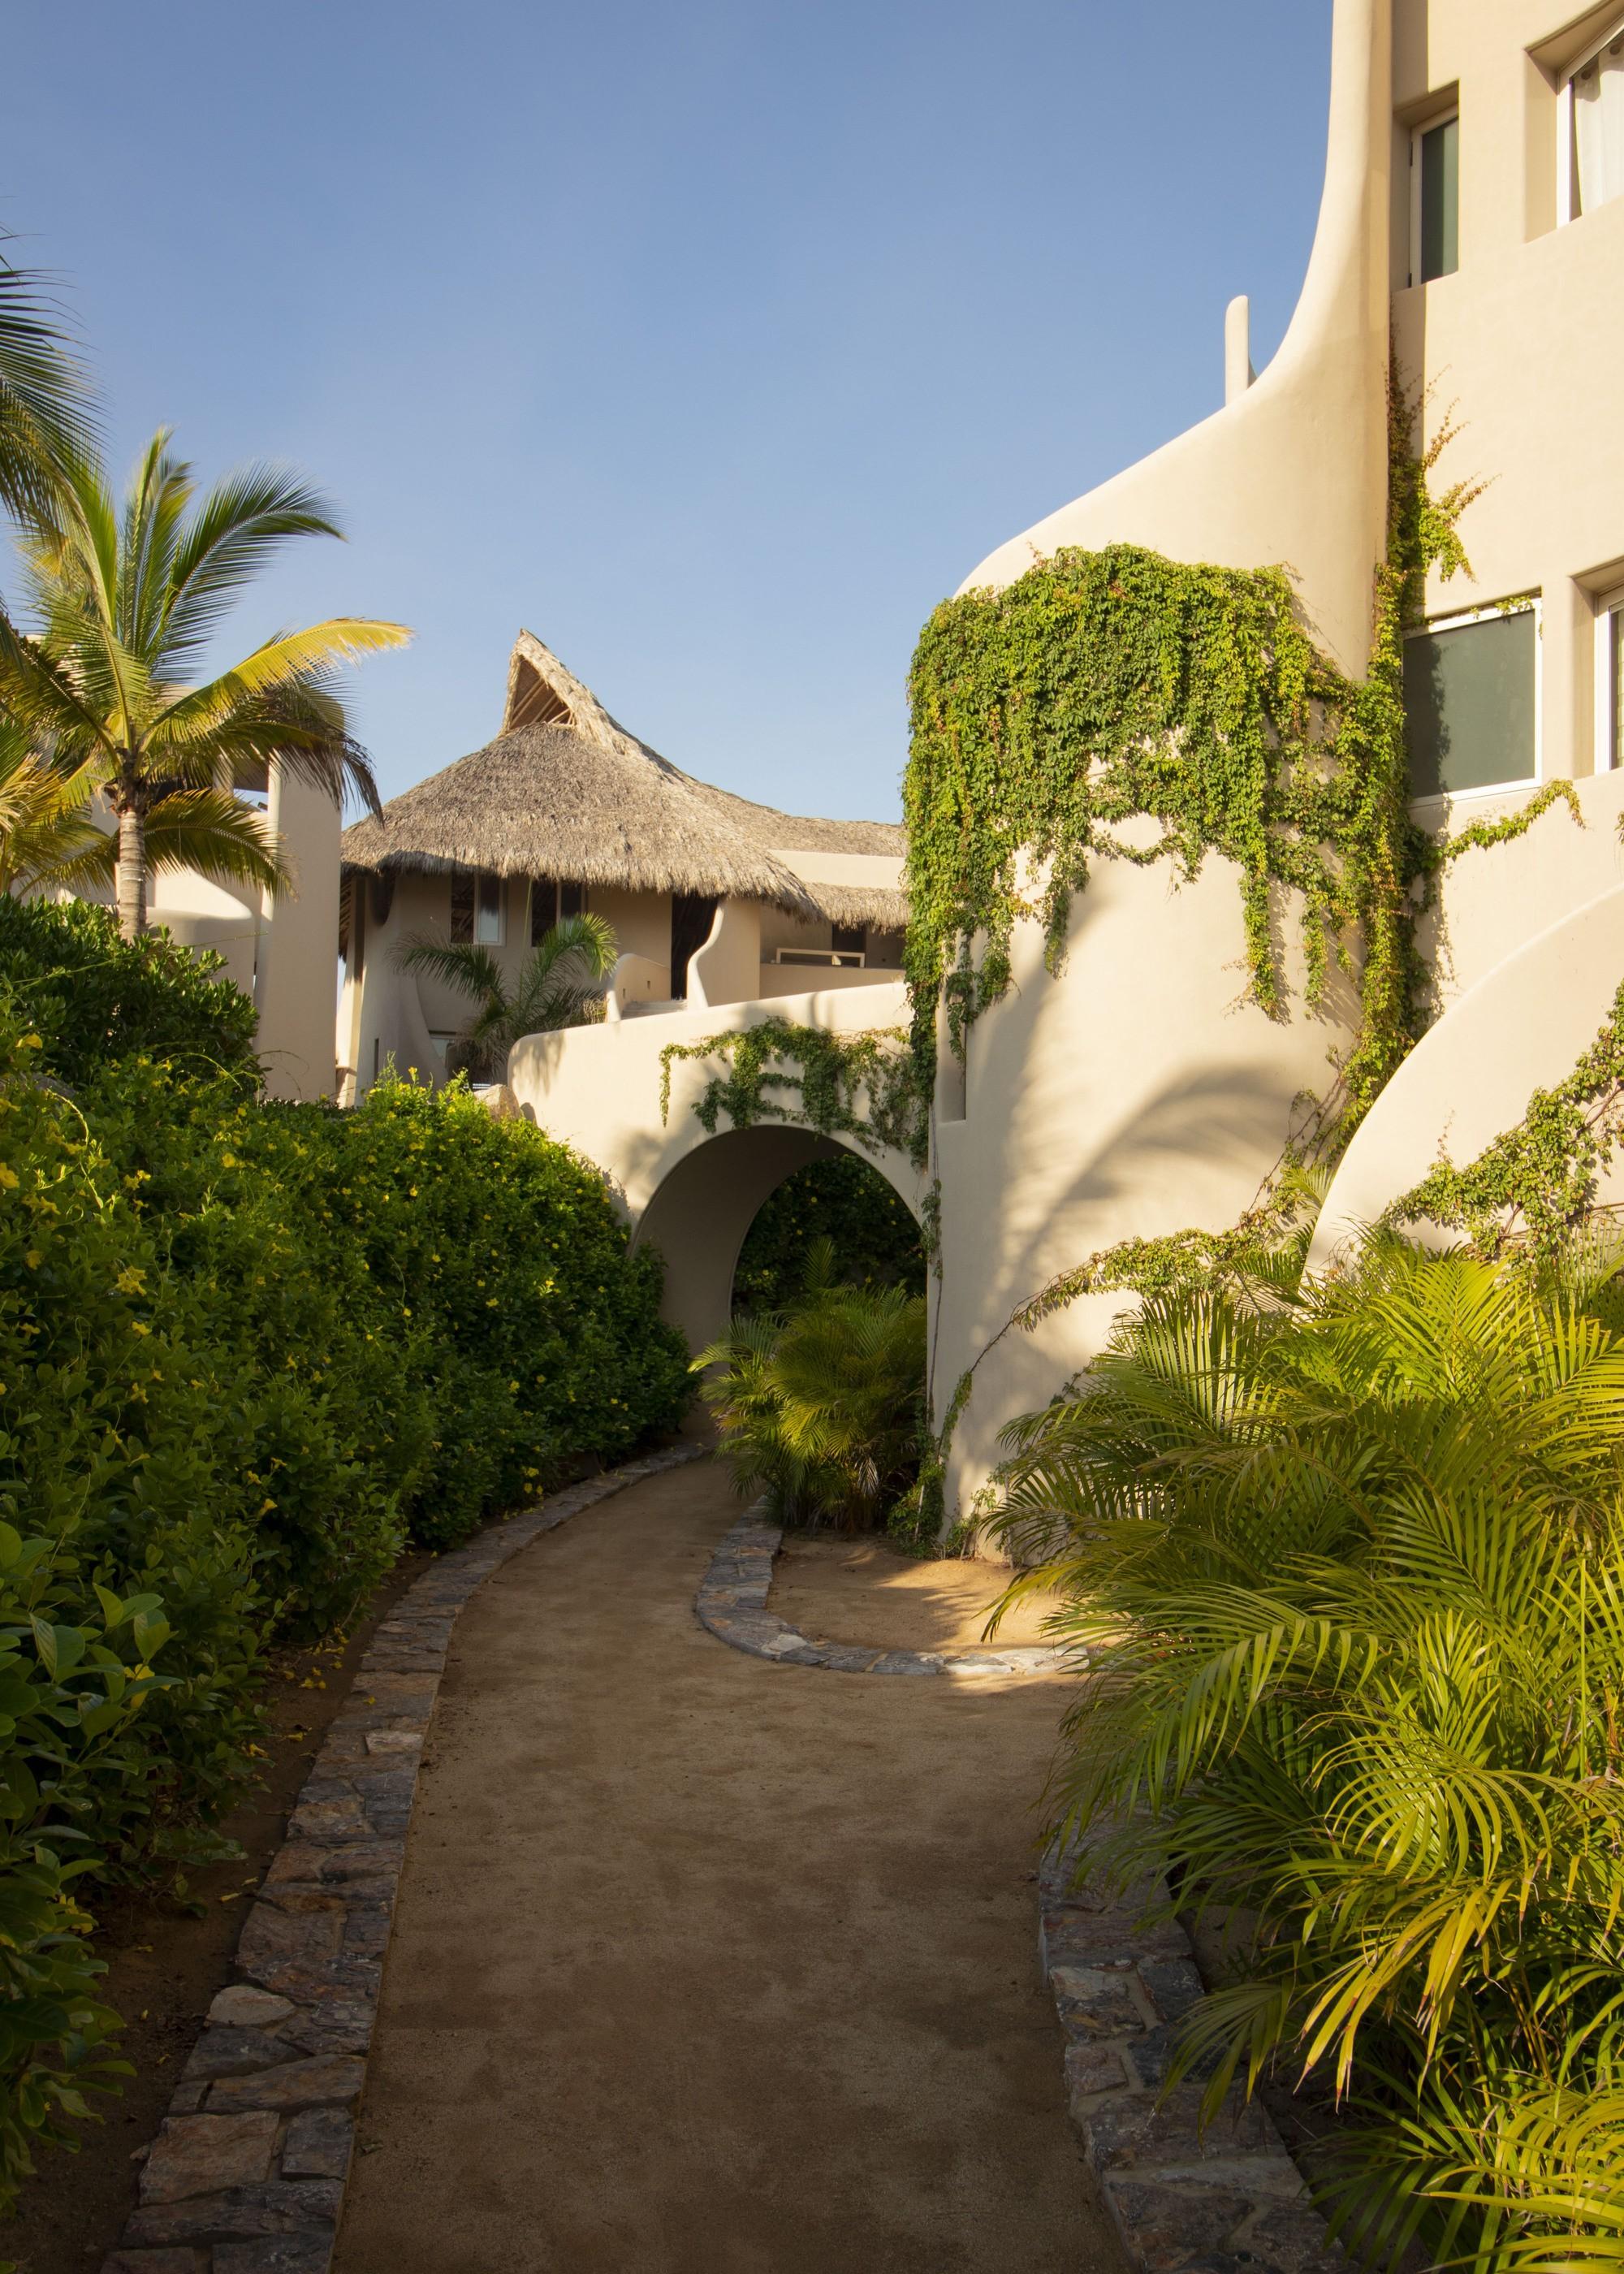 Роскошный жилой комплекс с креативным дизайном на побережье Тихого океана